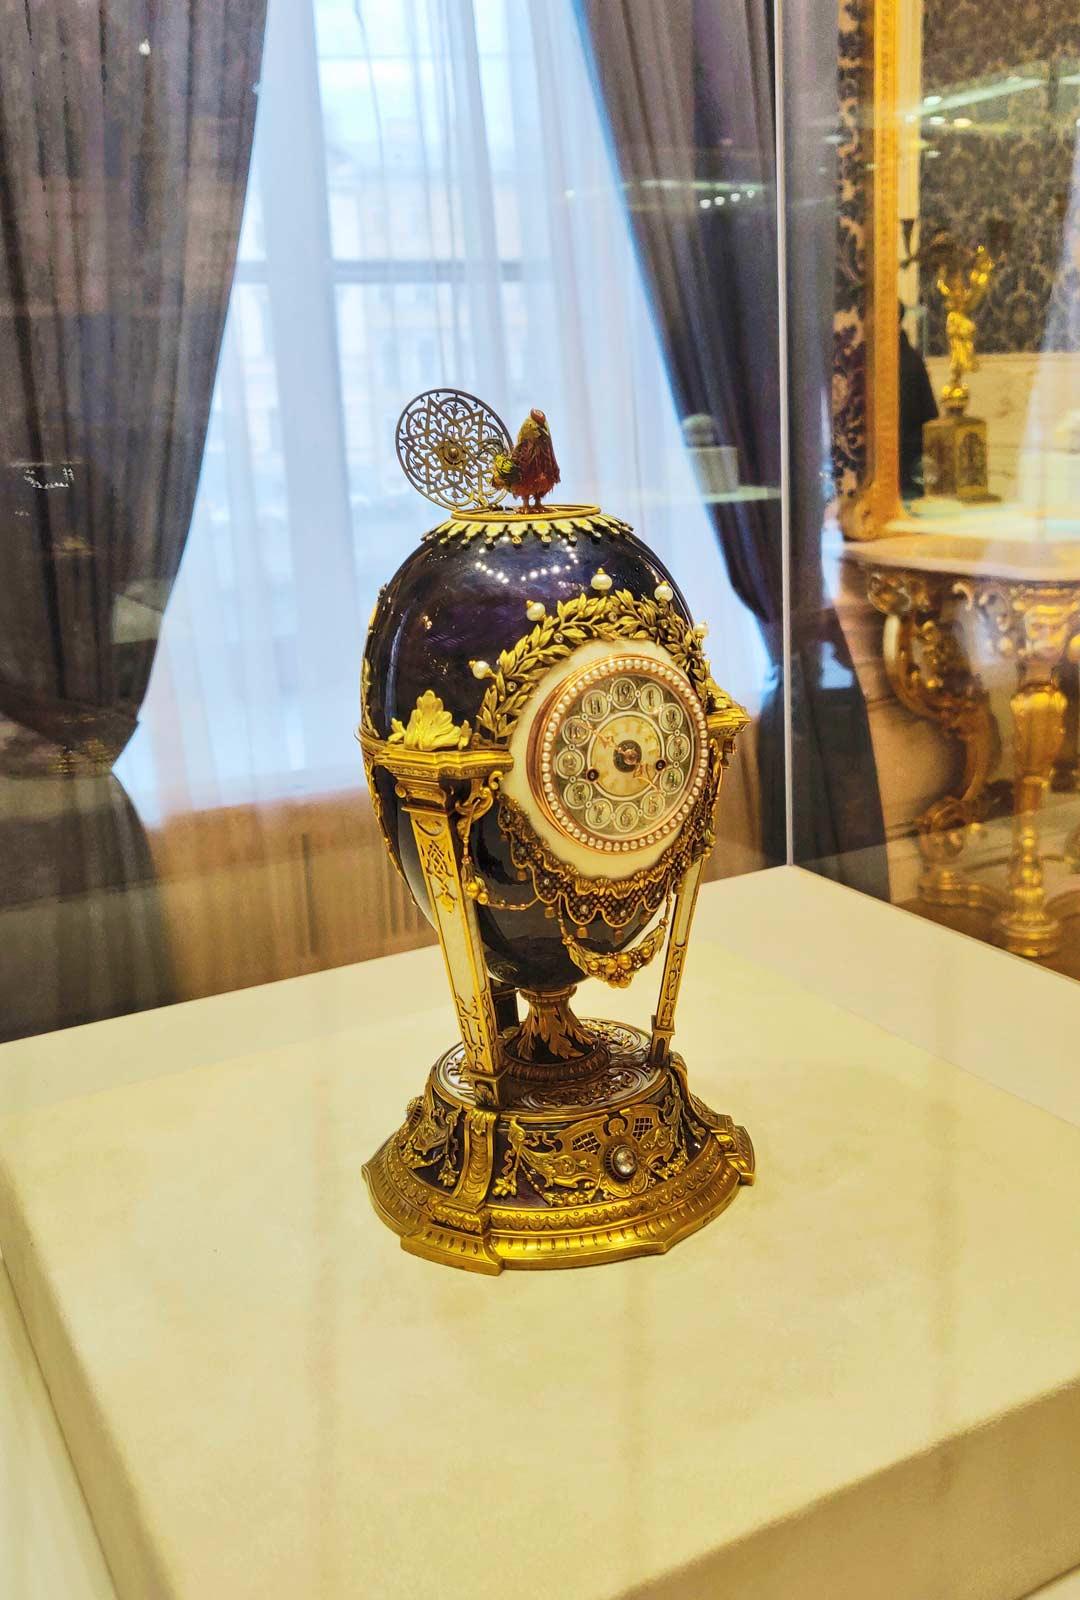 Fabergén jalokivimuseon arvokkaimpiin esineisiin kuuluvat keisarilliset pääsiäismunat.